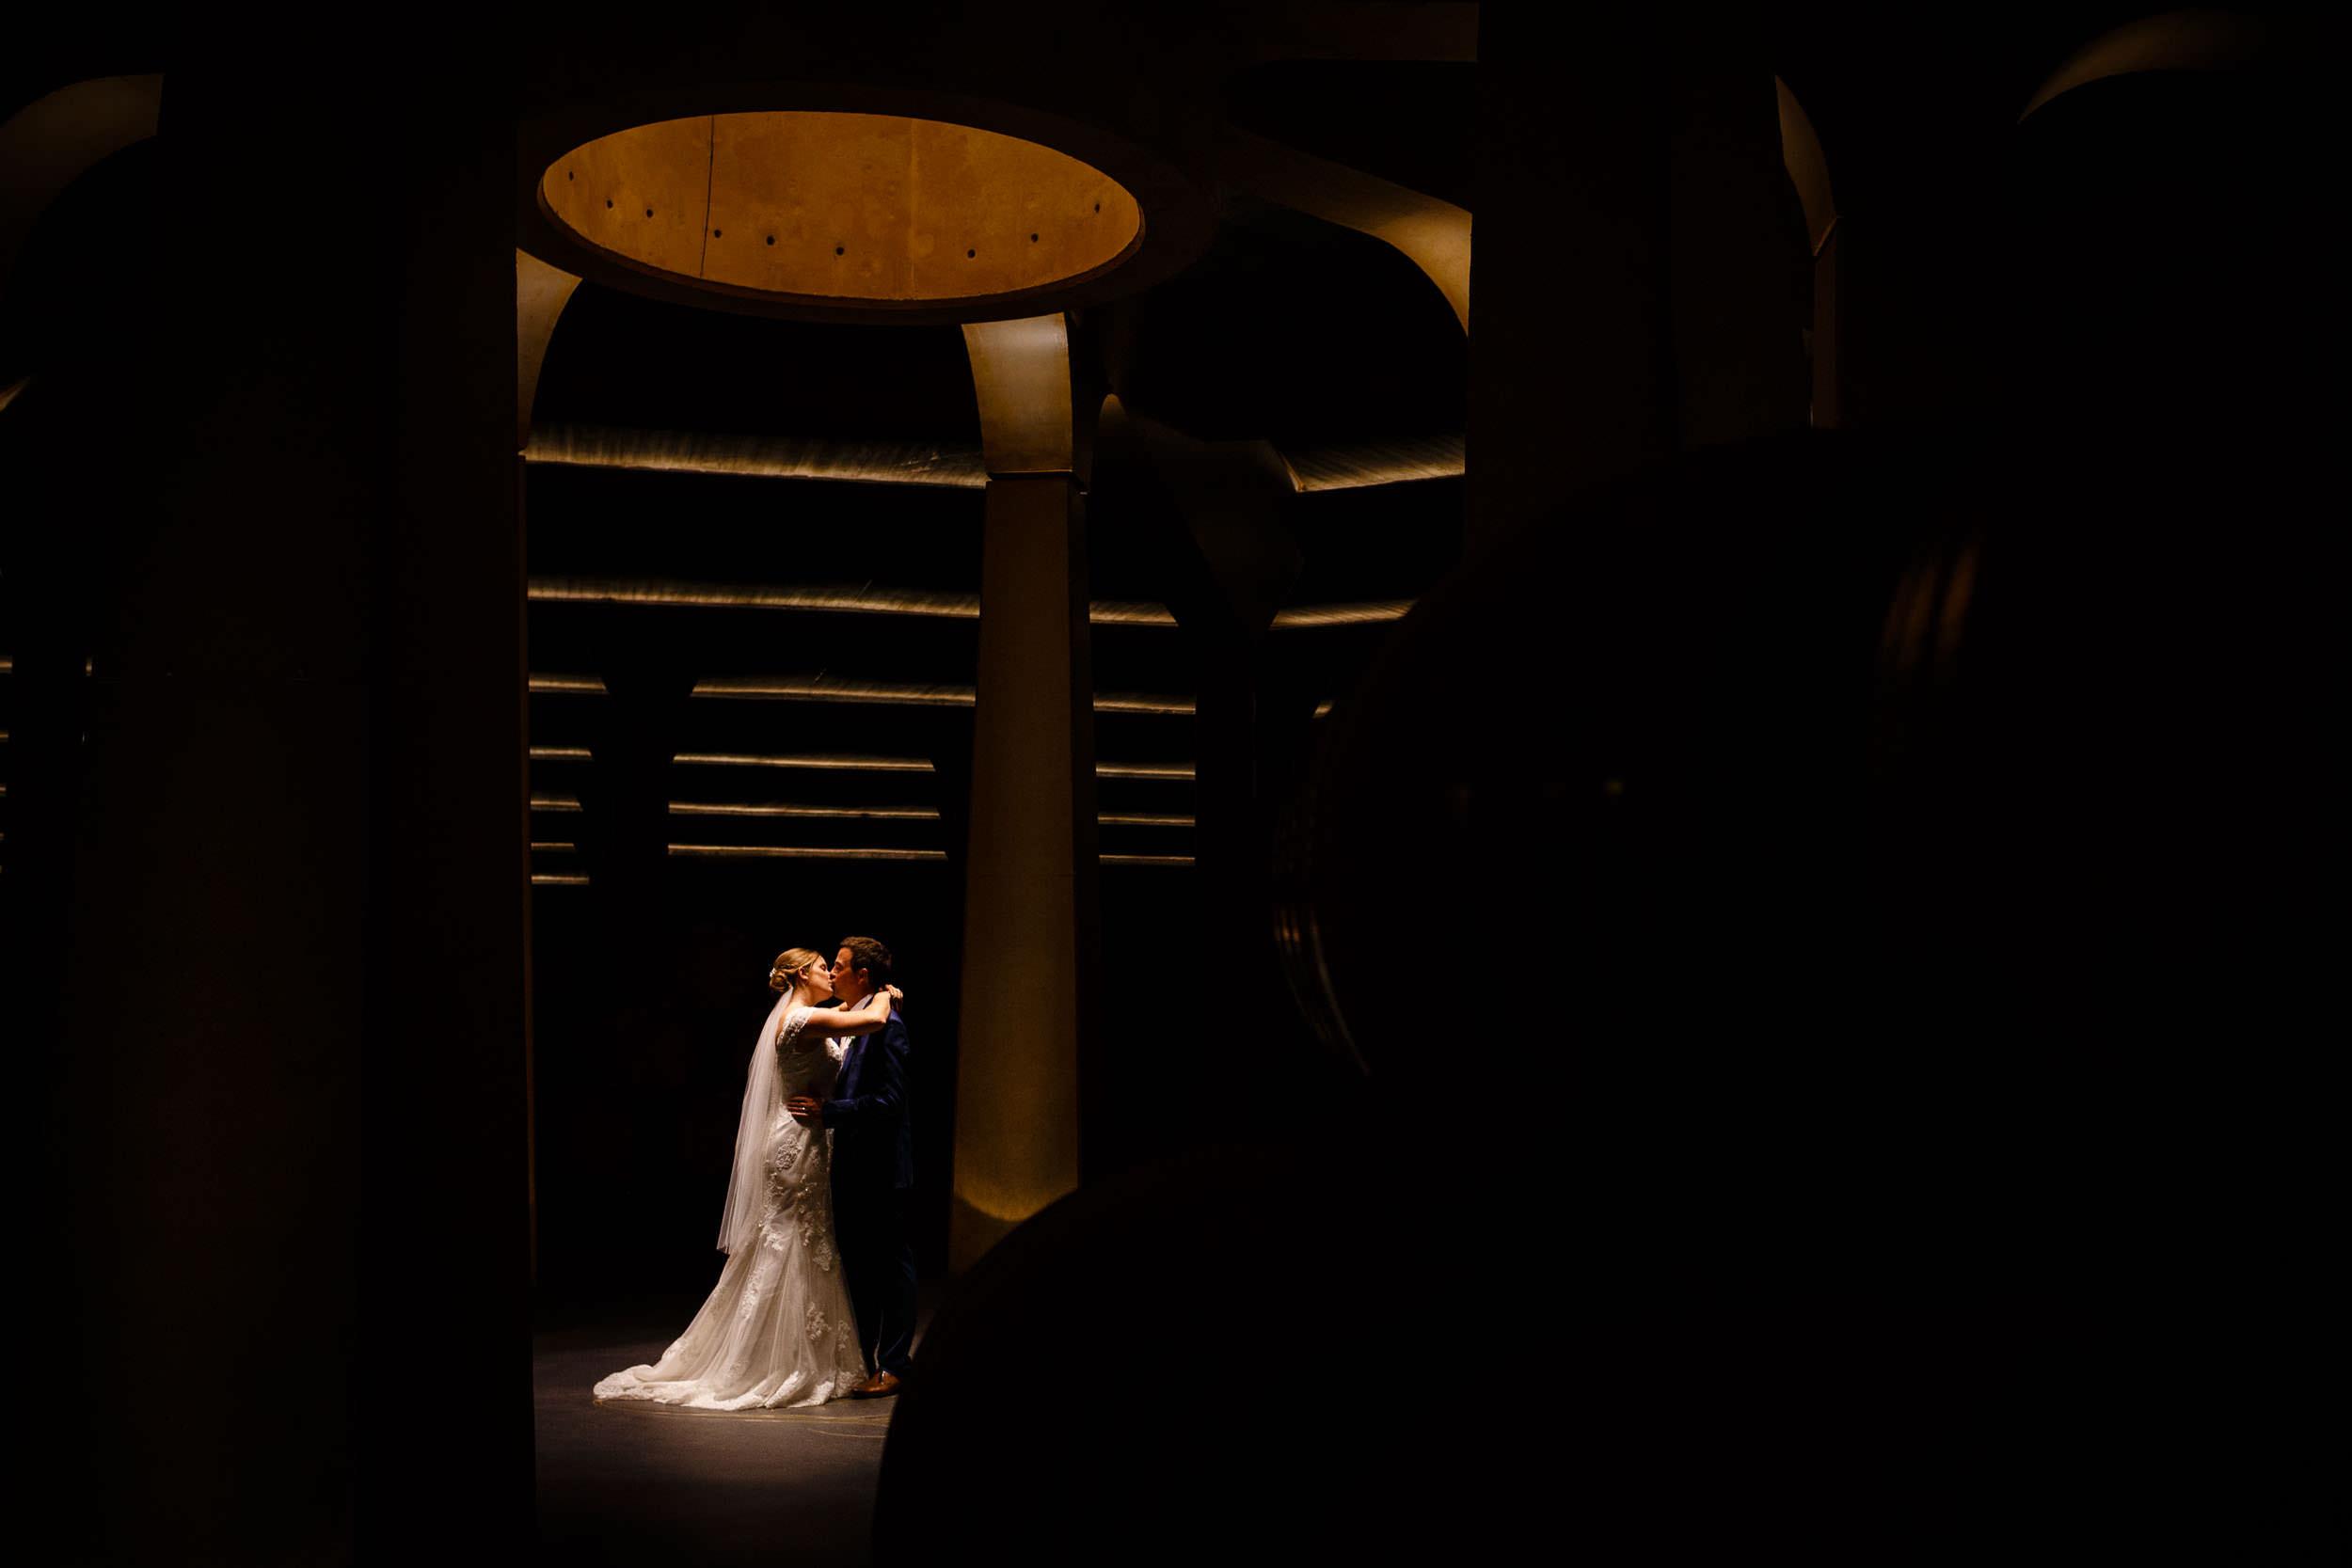 Fotografia de boda La Rioja Pais Vasco España - James Sturcke - sturcke.org_041.jpg